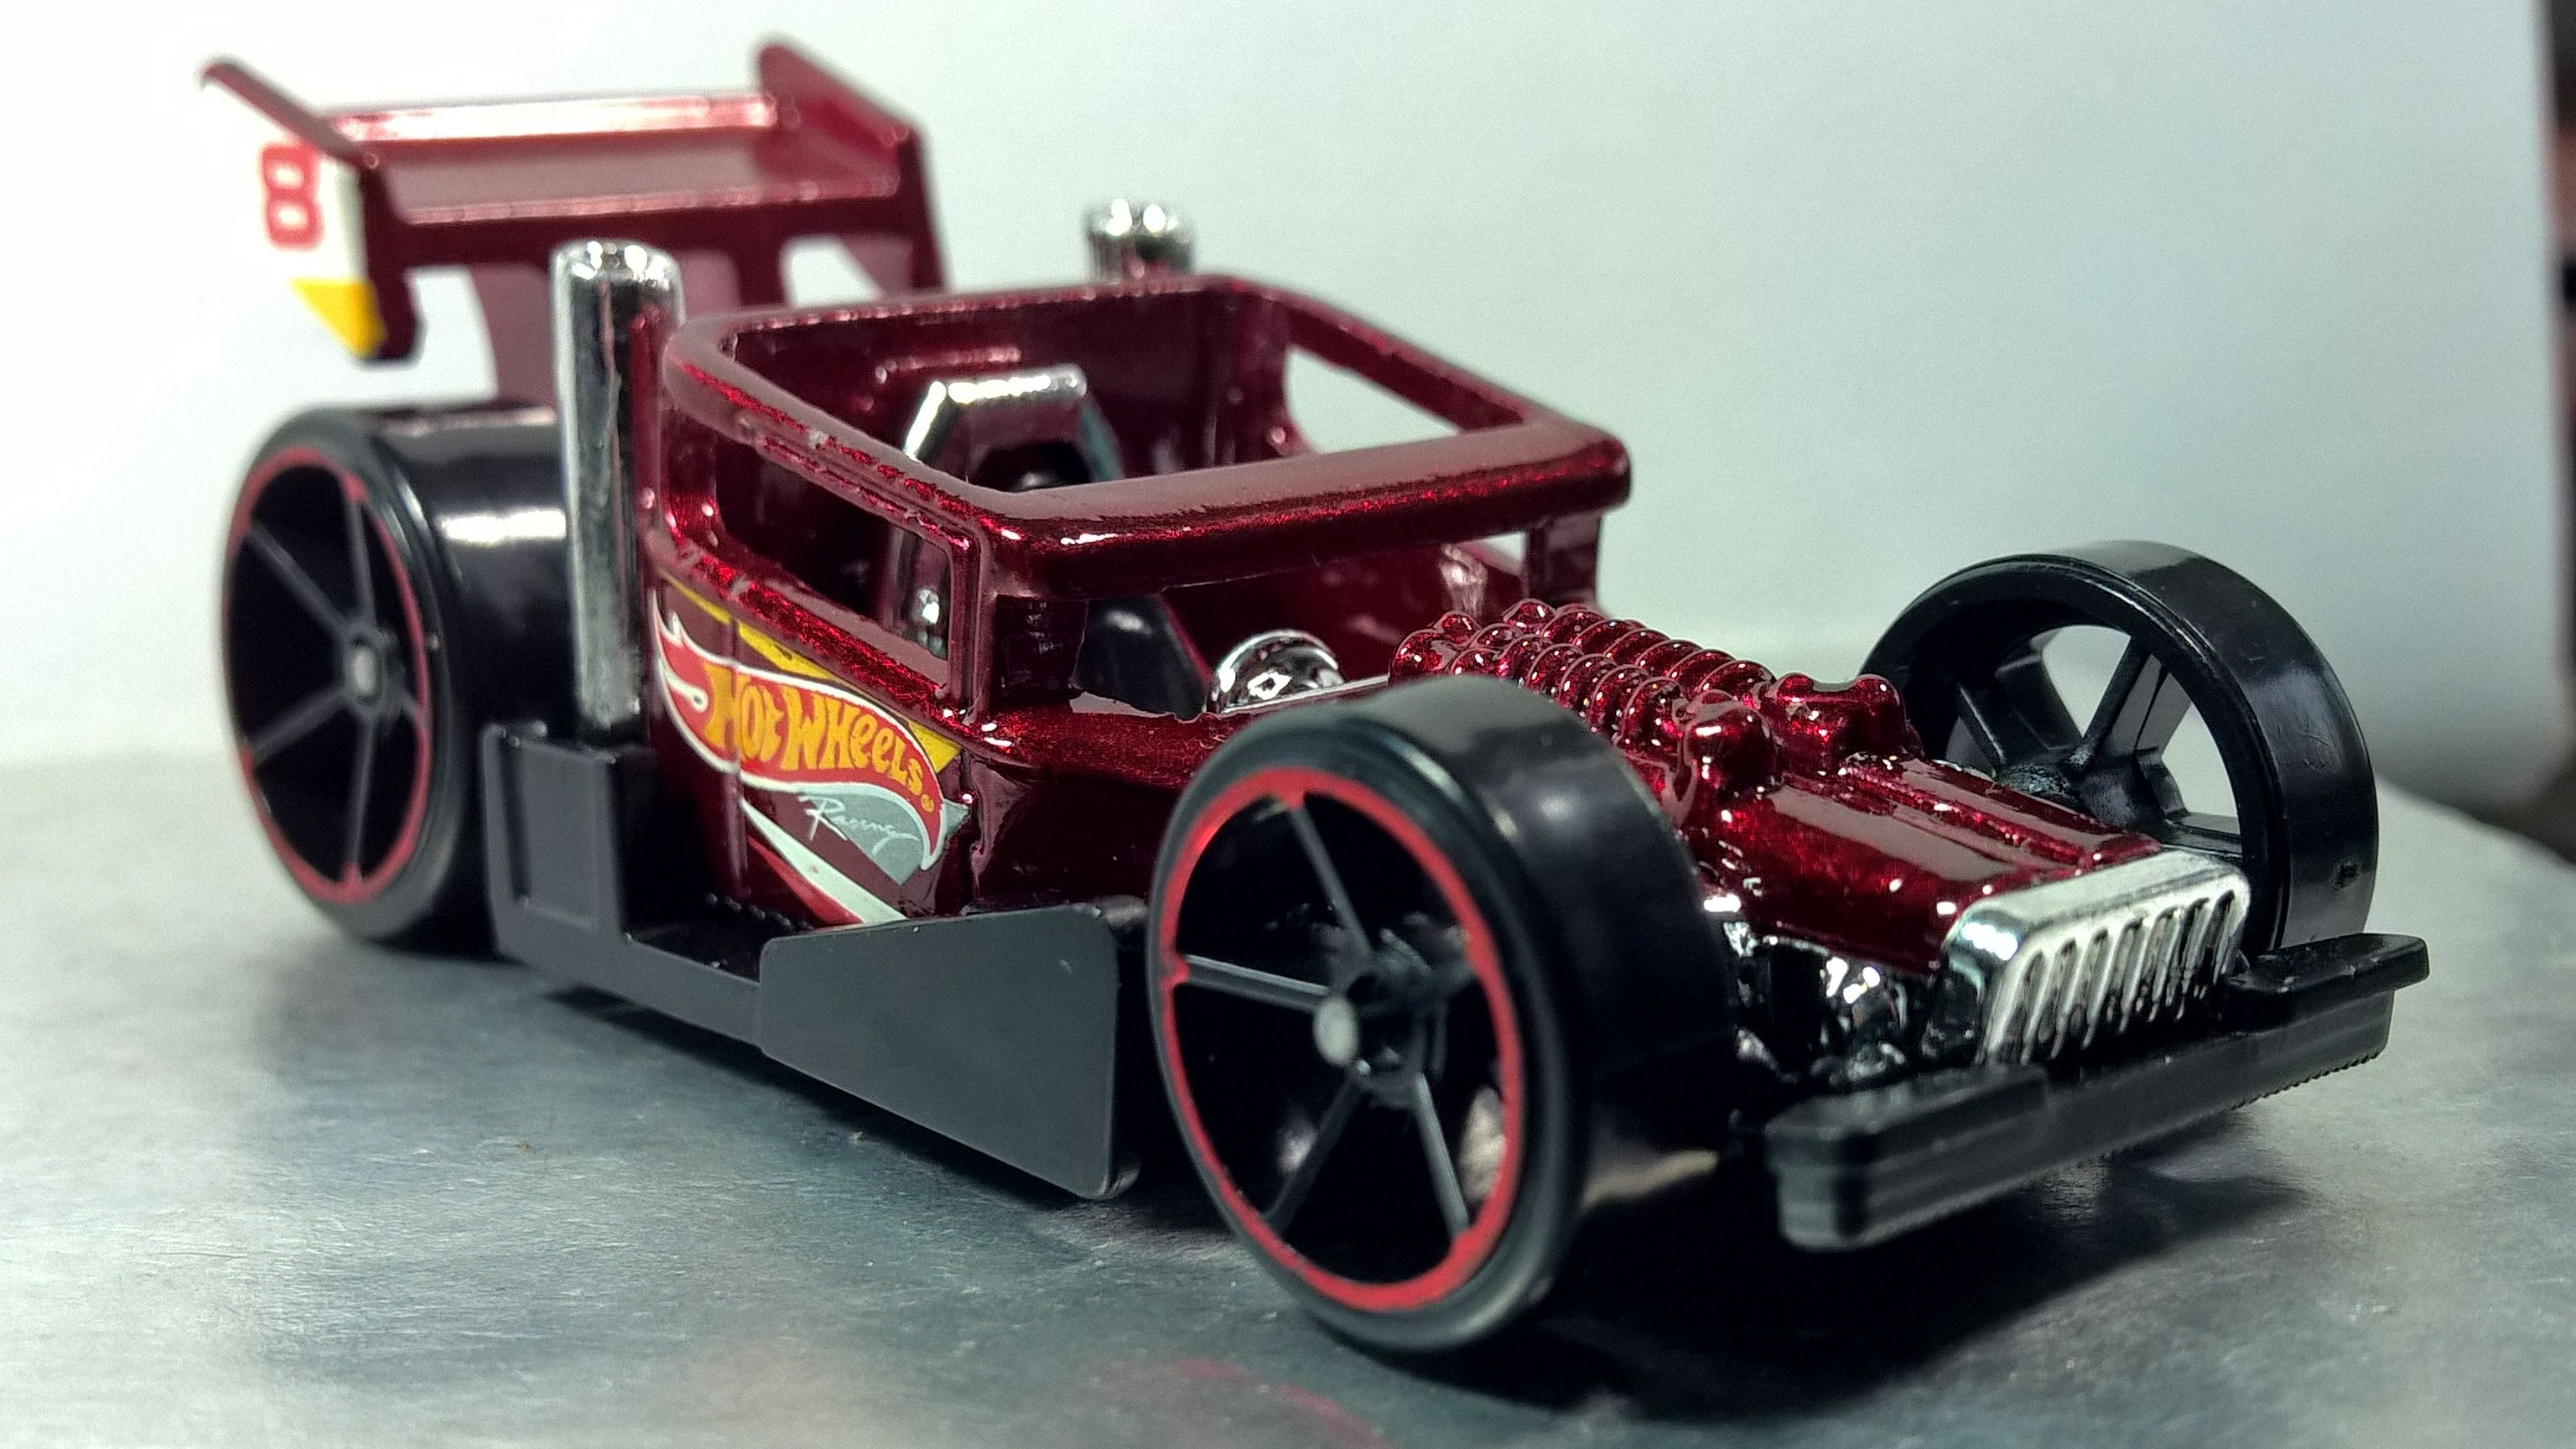 Pin By Kohle Kless On Hot Wheels Bone Shaker Hot Wheels Bone Shaker Matchbox Cars